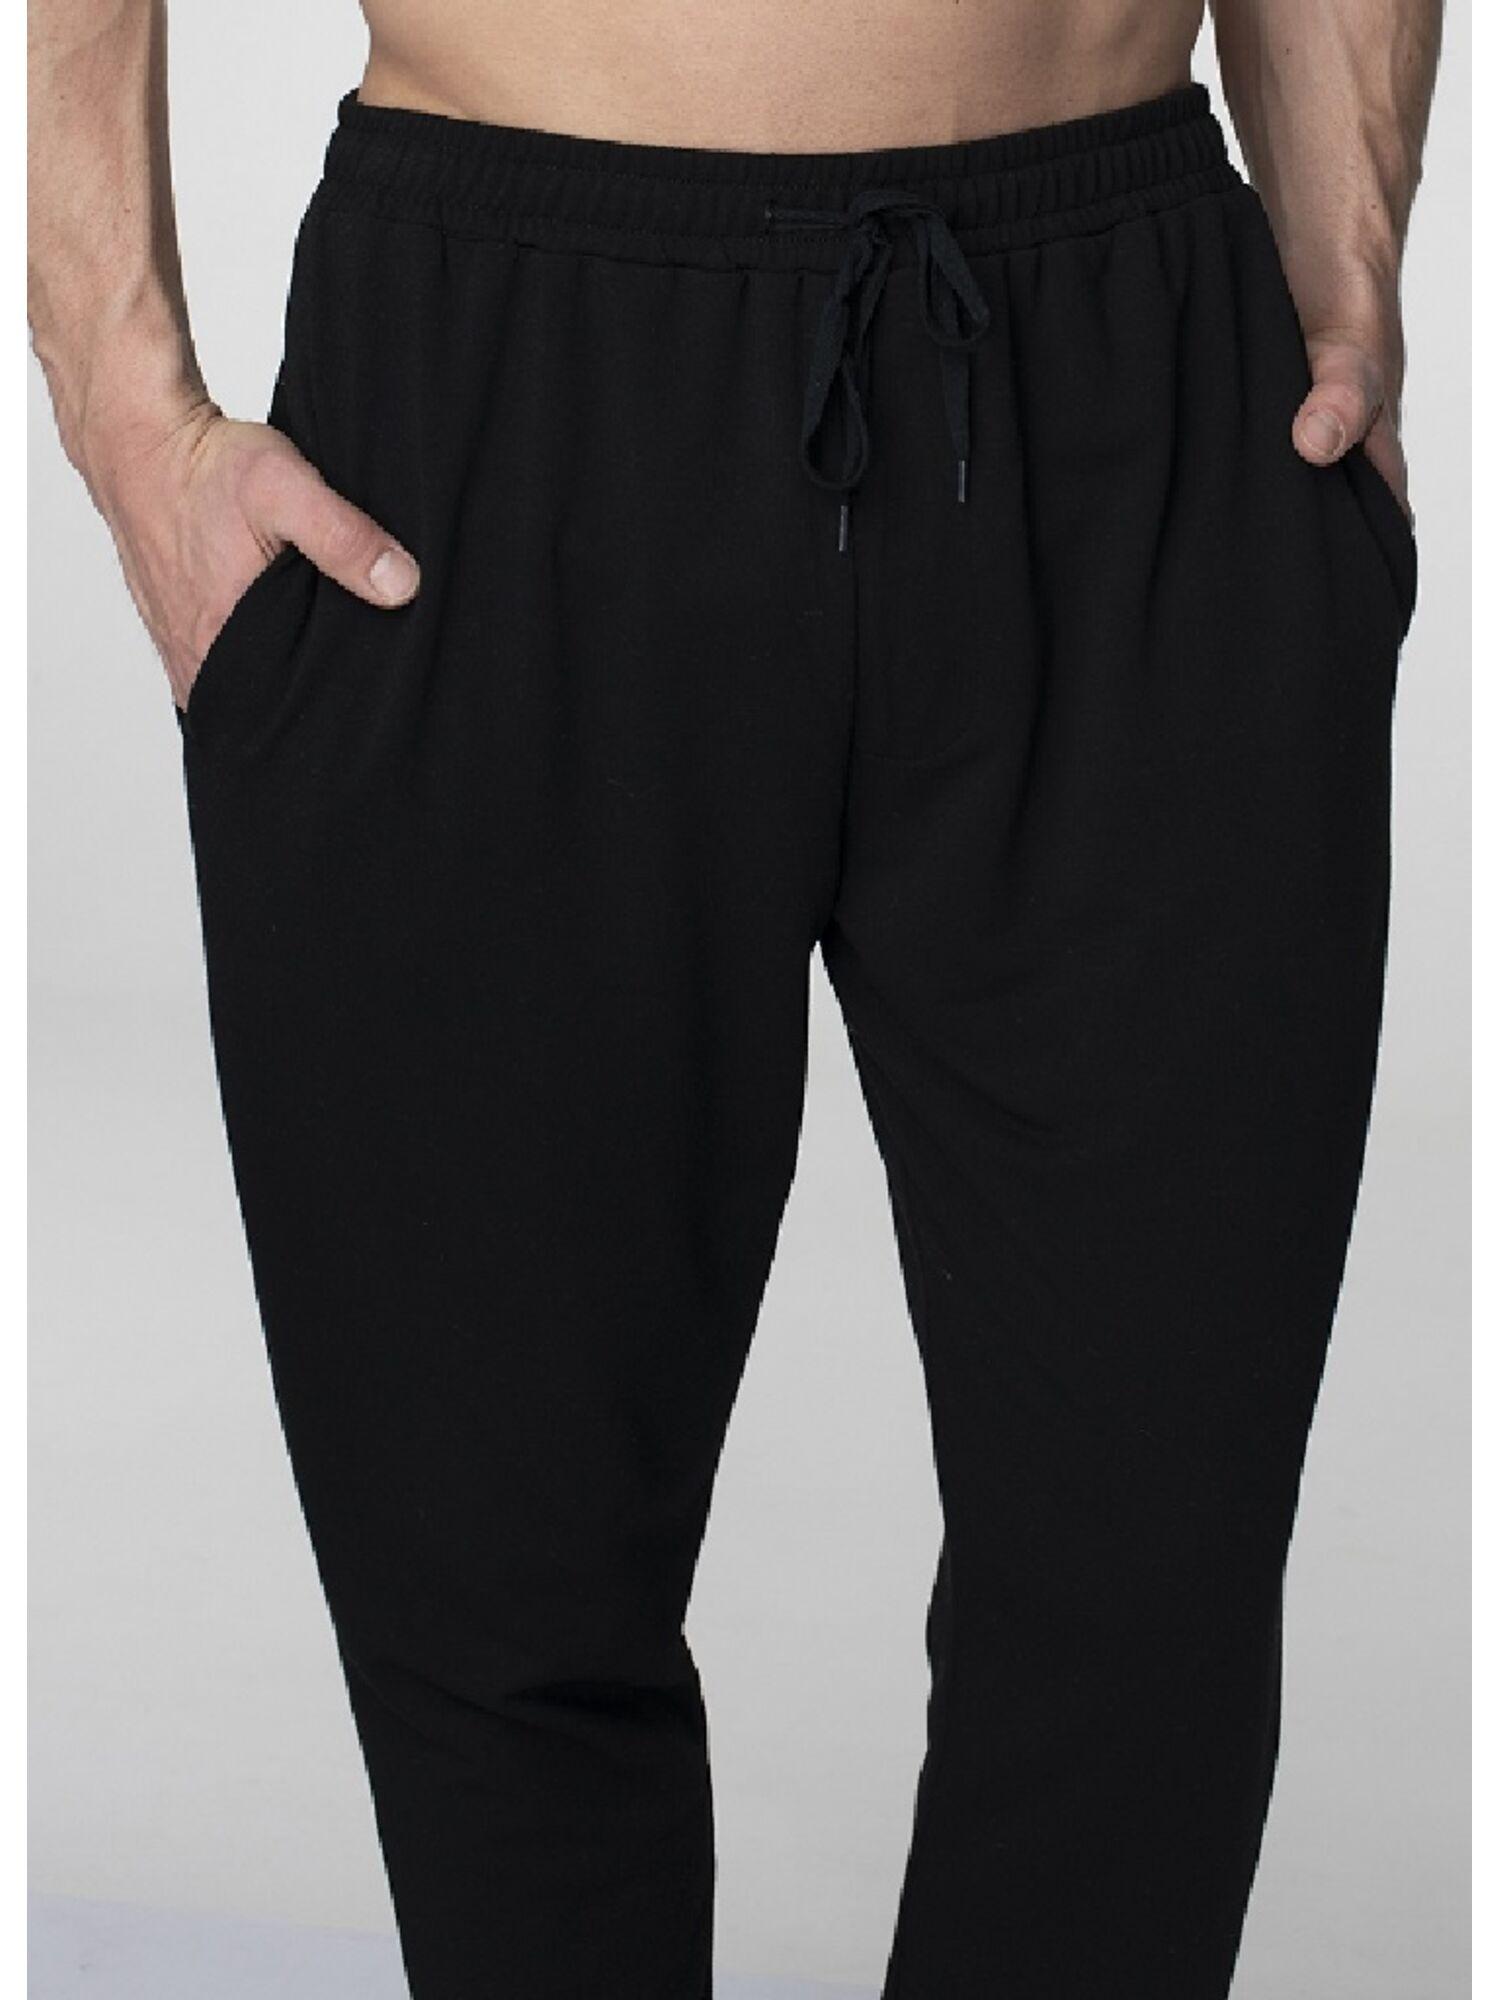 Мужской комплект с брюками MHS 073 19/20 серый/черный, KEY